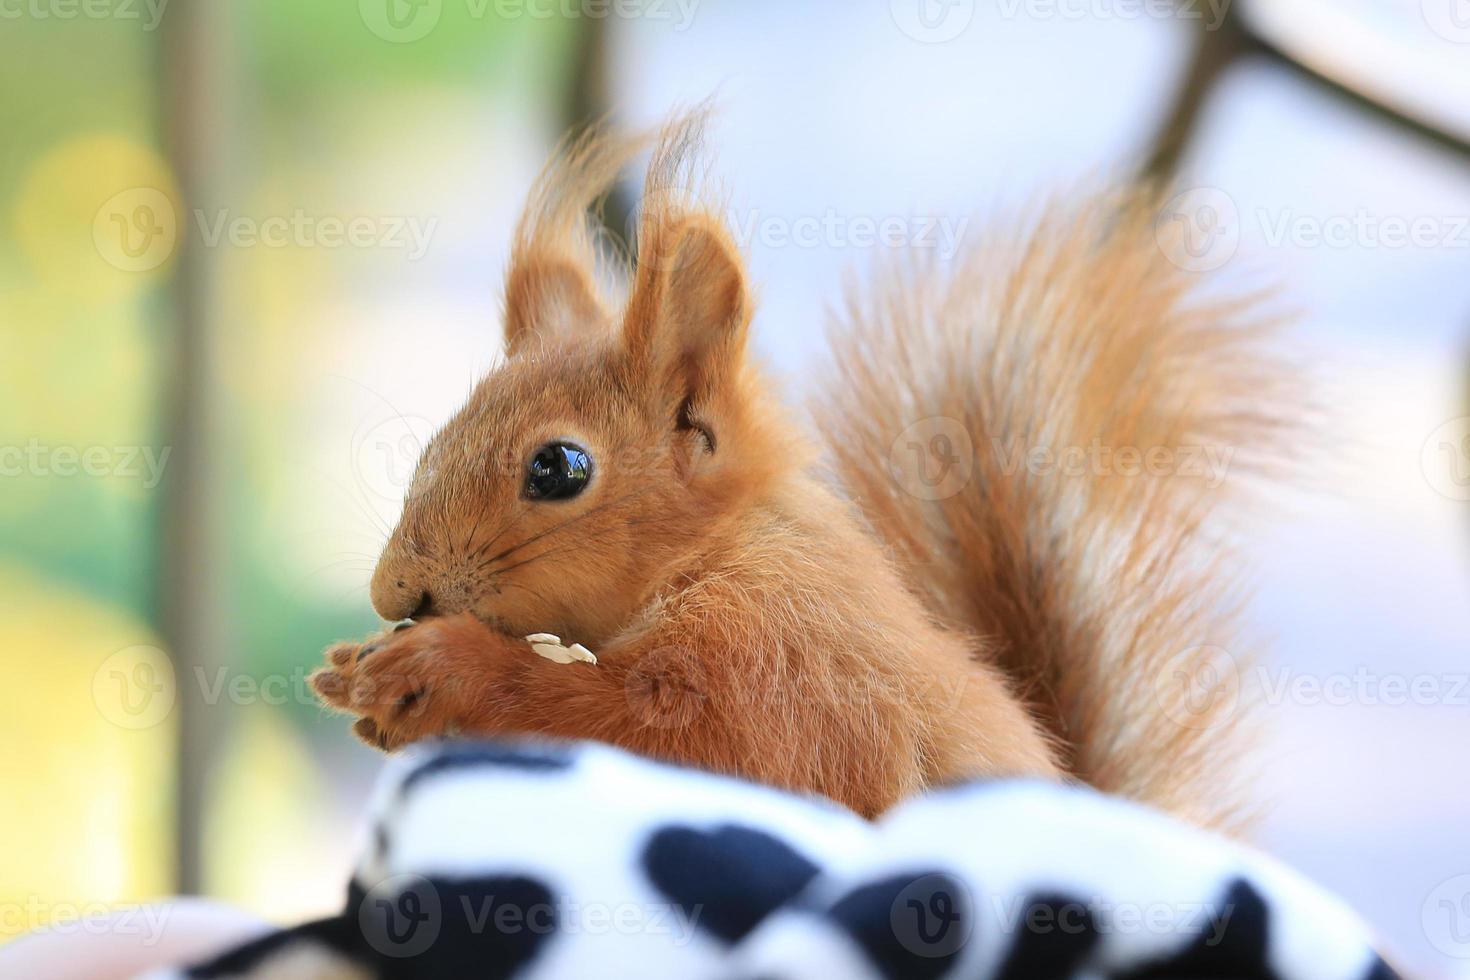 kleines Baby Eichhörnchen sitzen und Samen essen foto